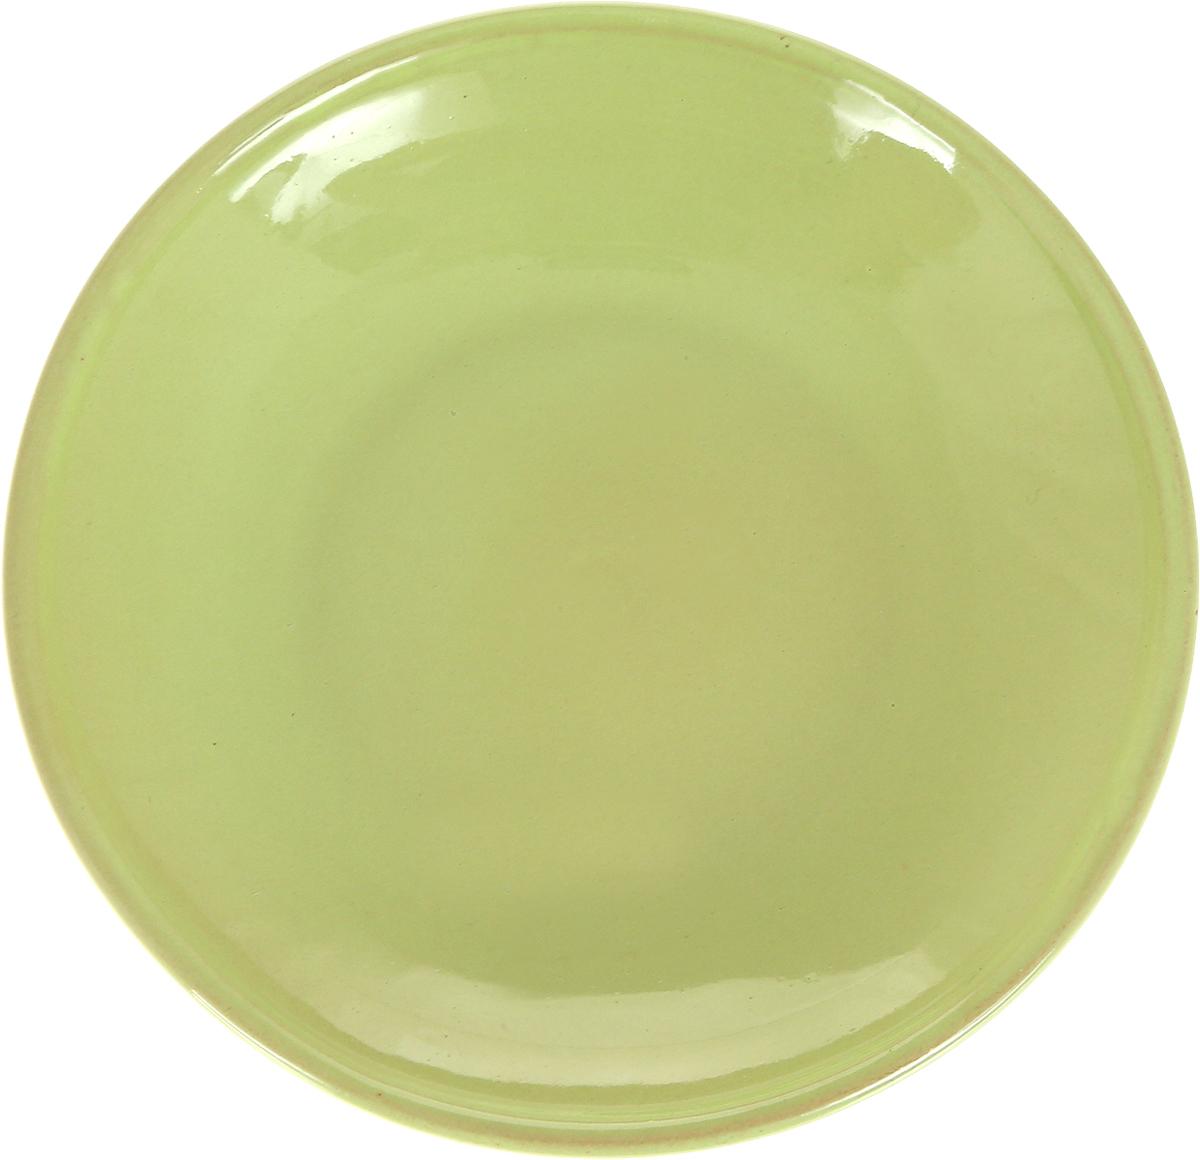 Блюдце Борисовская керамика Радуга, цвет: светло-зеленый, диаметр 10 смРАД14458109_светло-зеленый